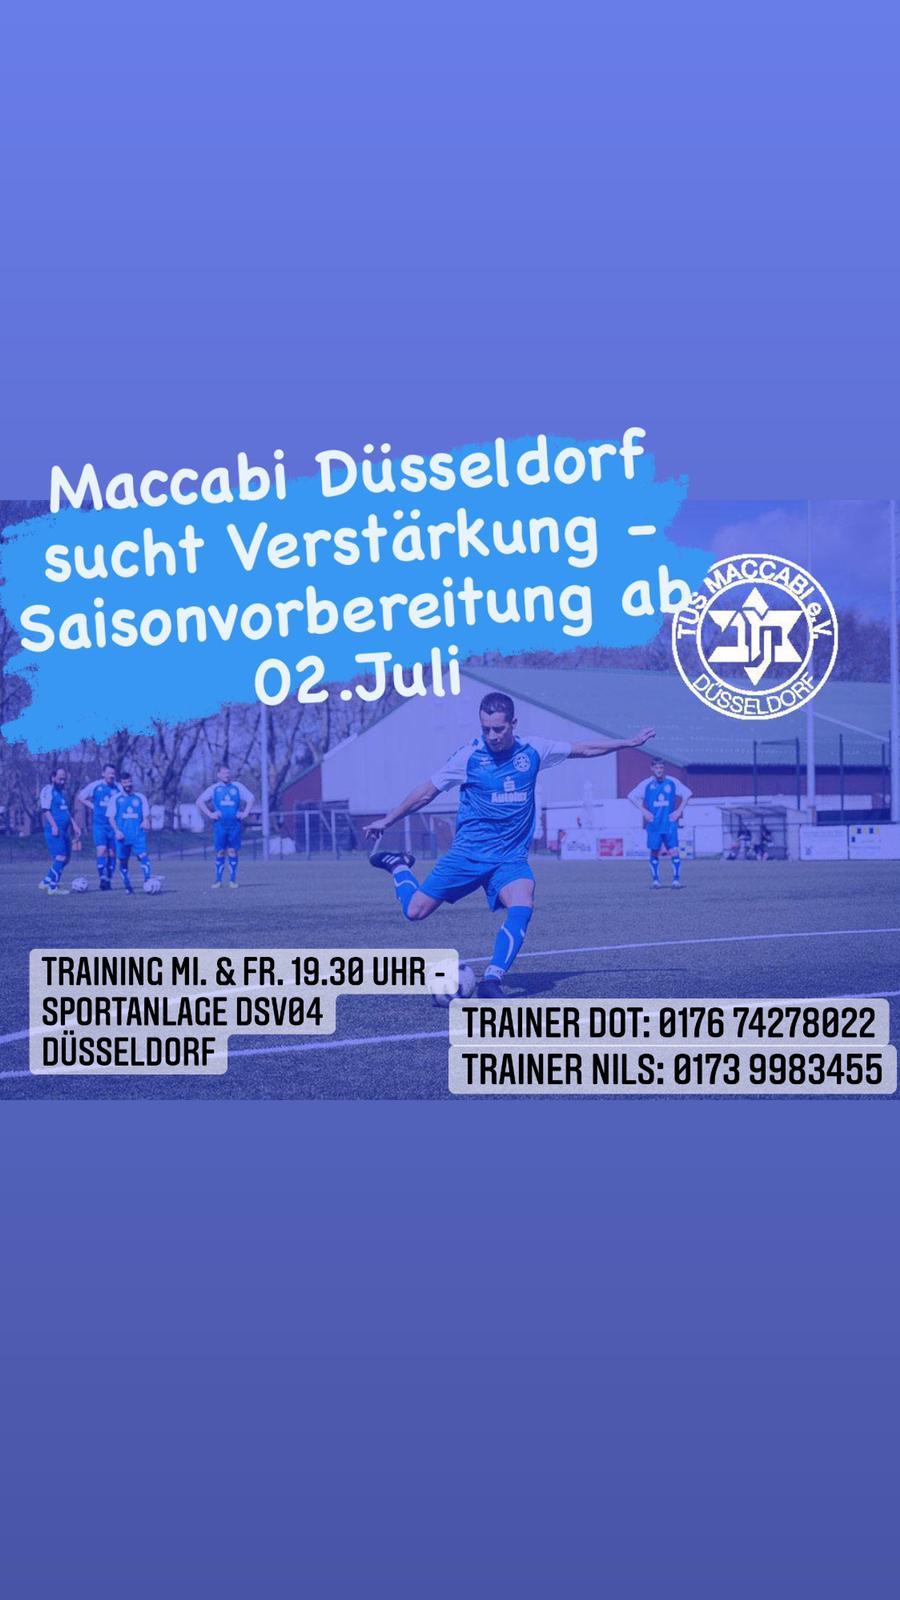 TUS Maccabi Düsseldorf